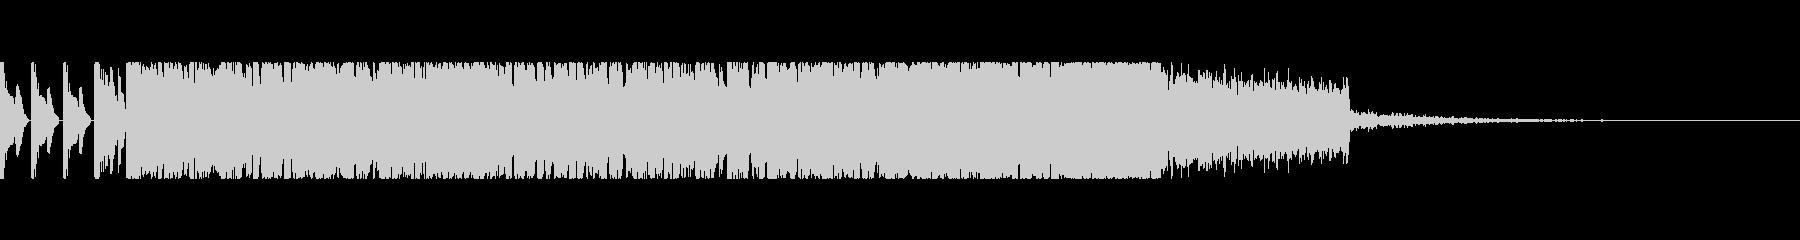 ブチアゲの高速EDMシンセリードロックの未再生の波形